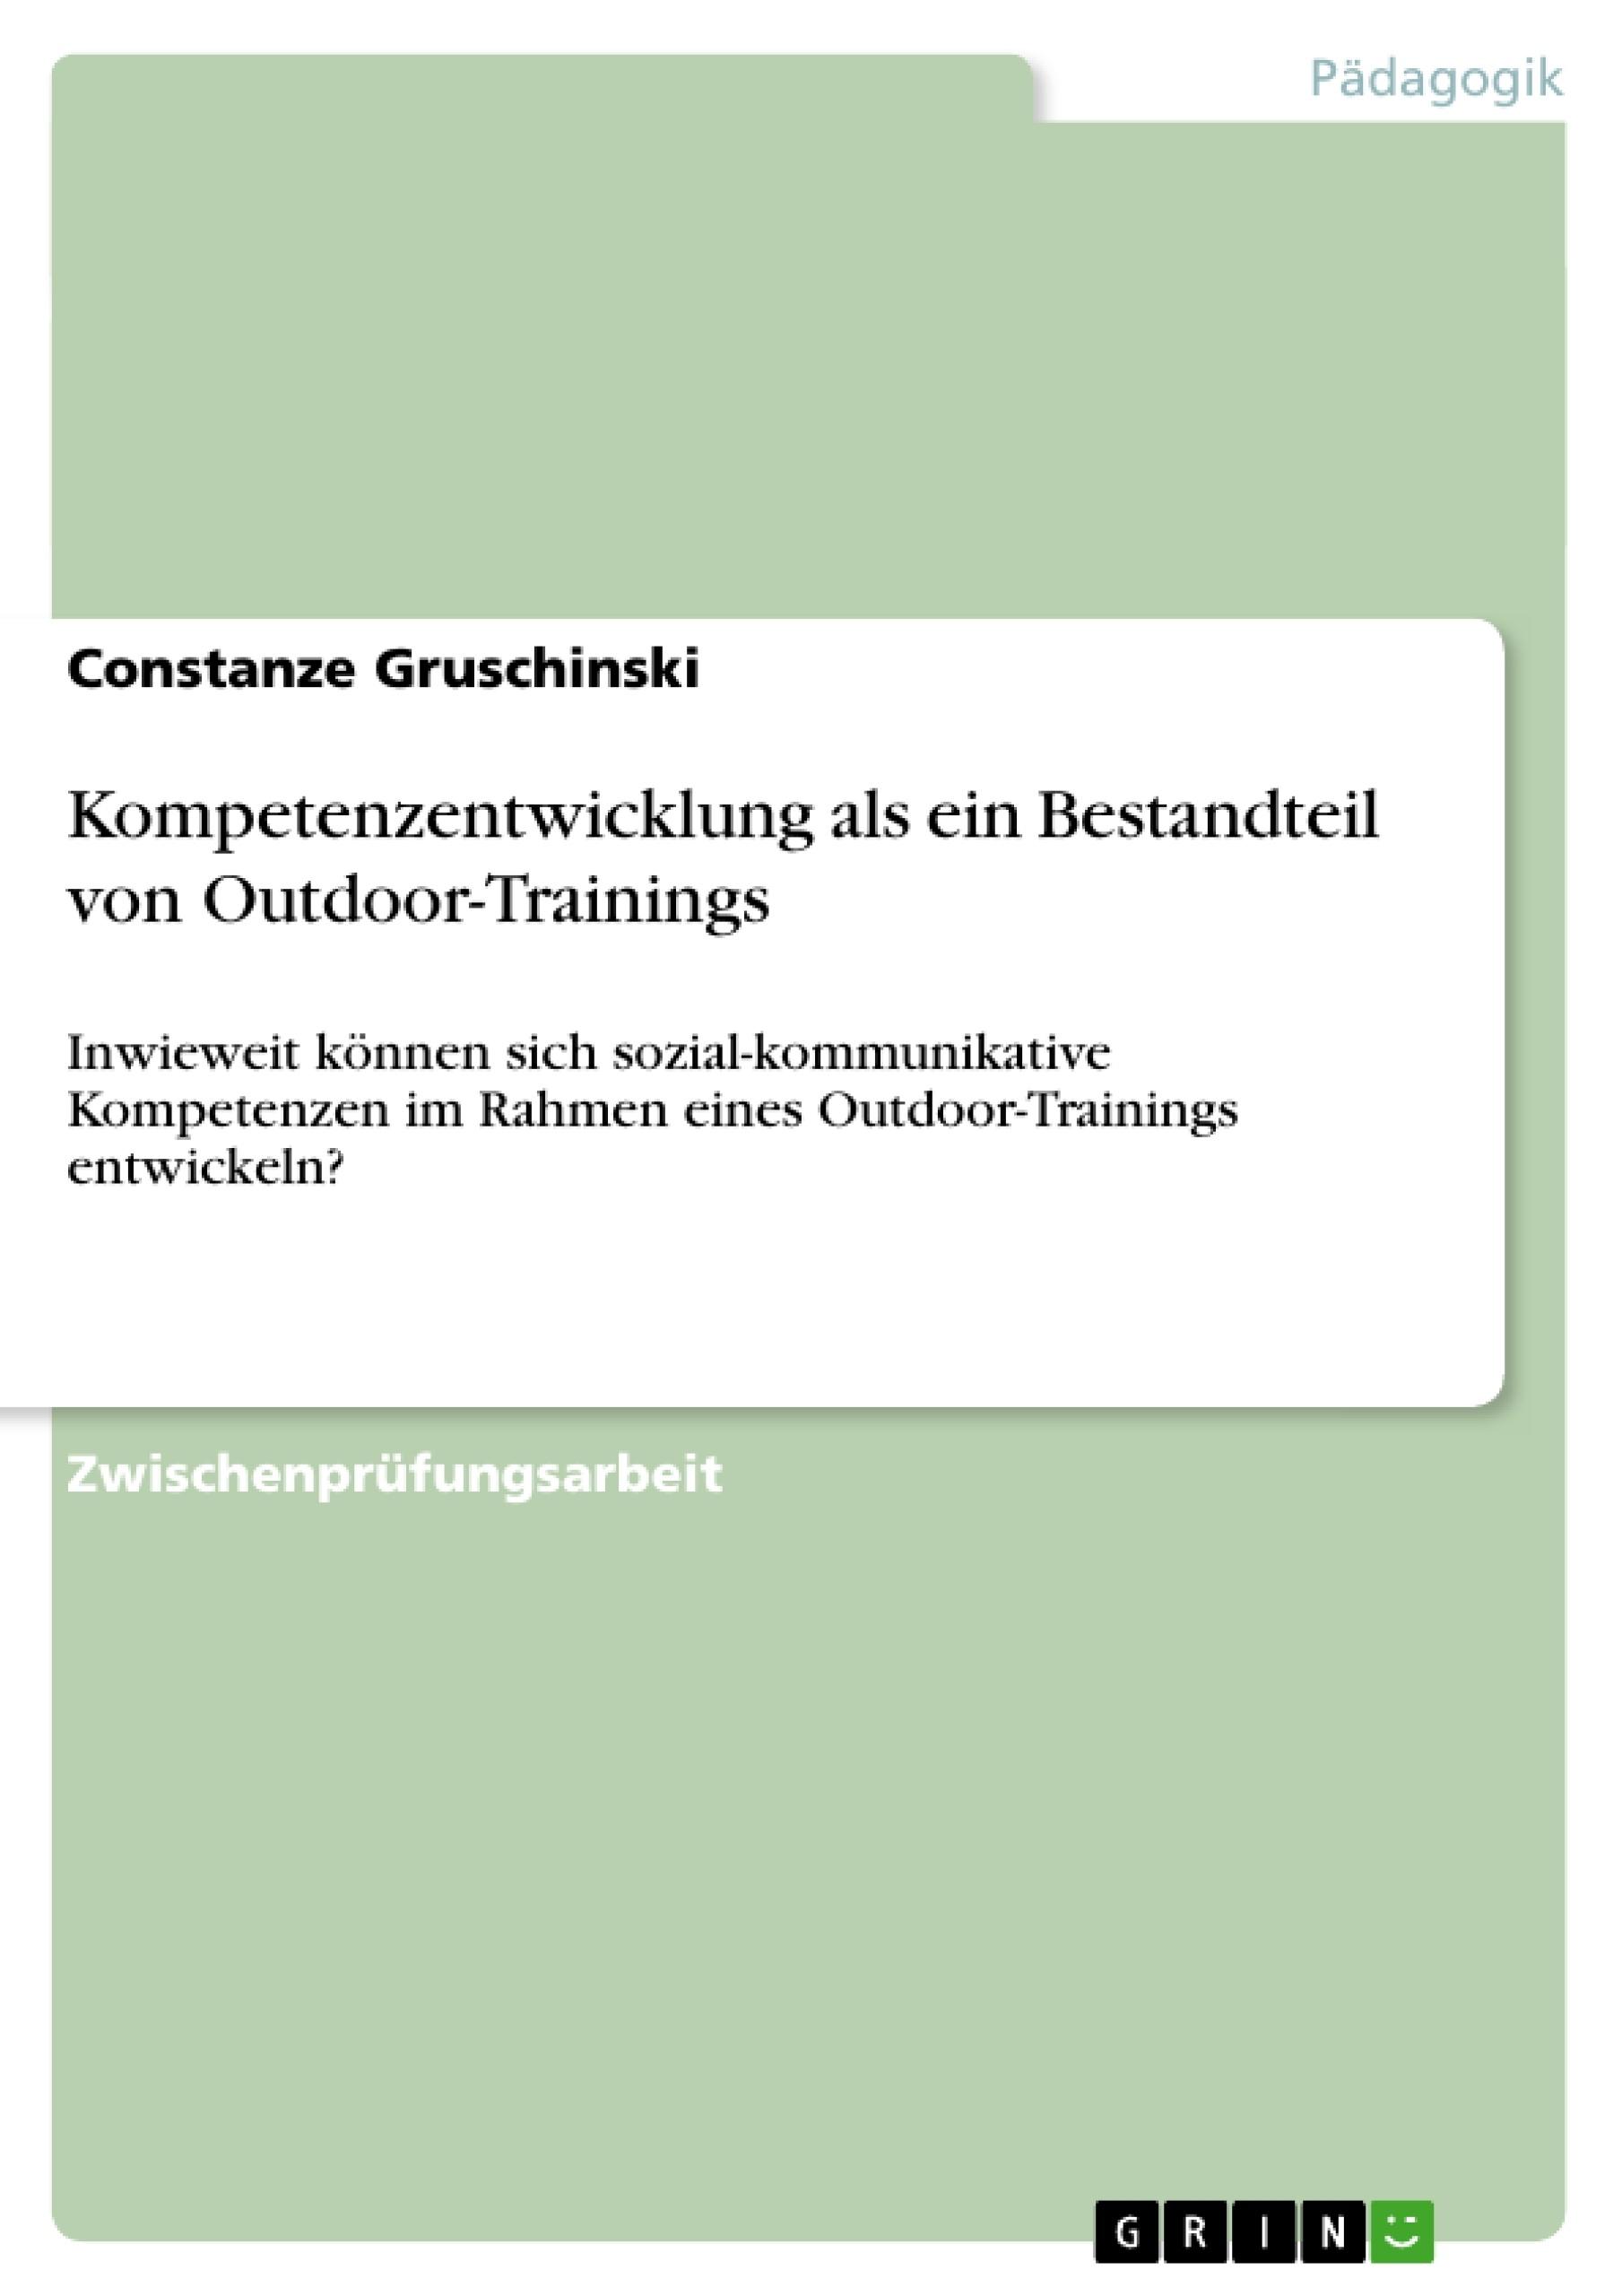 Titel: Kompetenzentwicklung als ein Bestandteil von Outdoor-Trainings